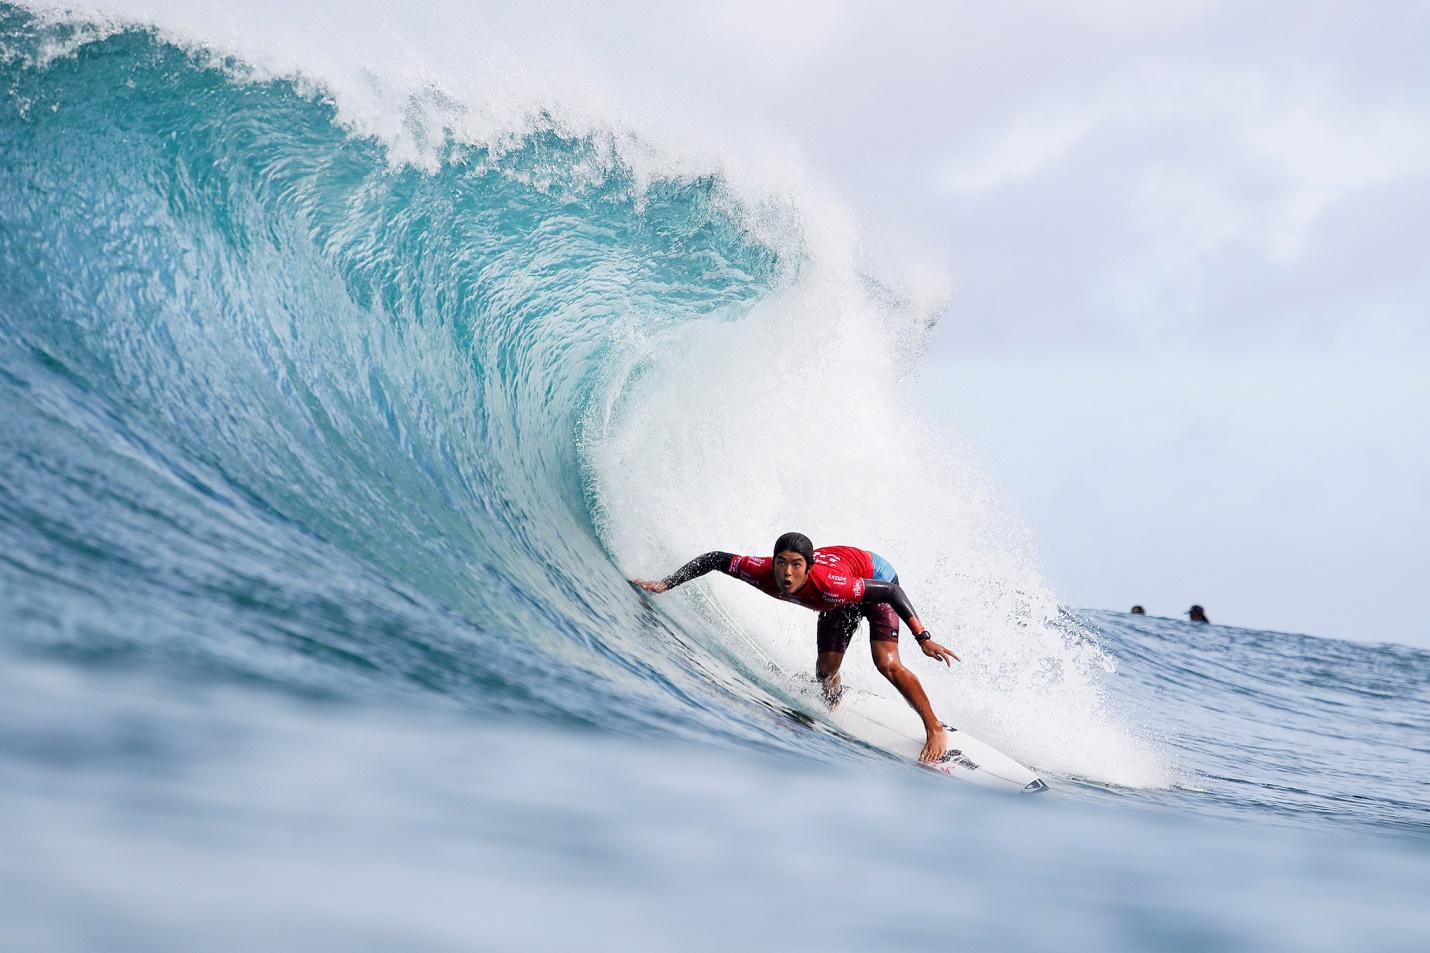 五十嵐カノアがサーフィン界の最高峰の コンテスト、パイプマスターズでファイナリストとなる